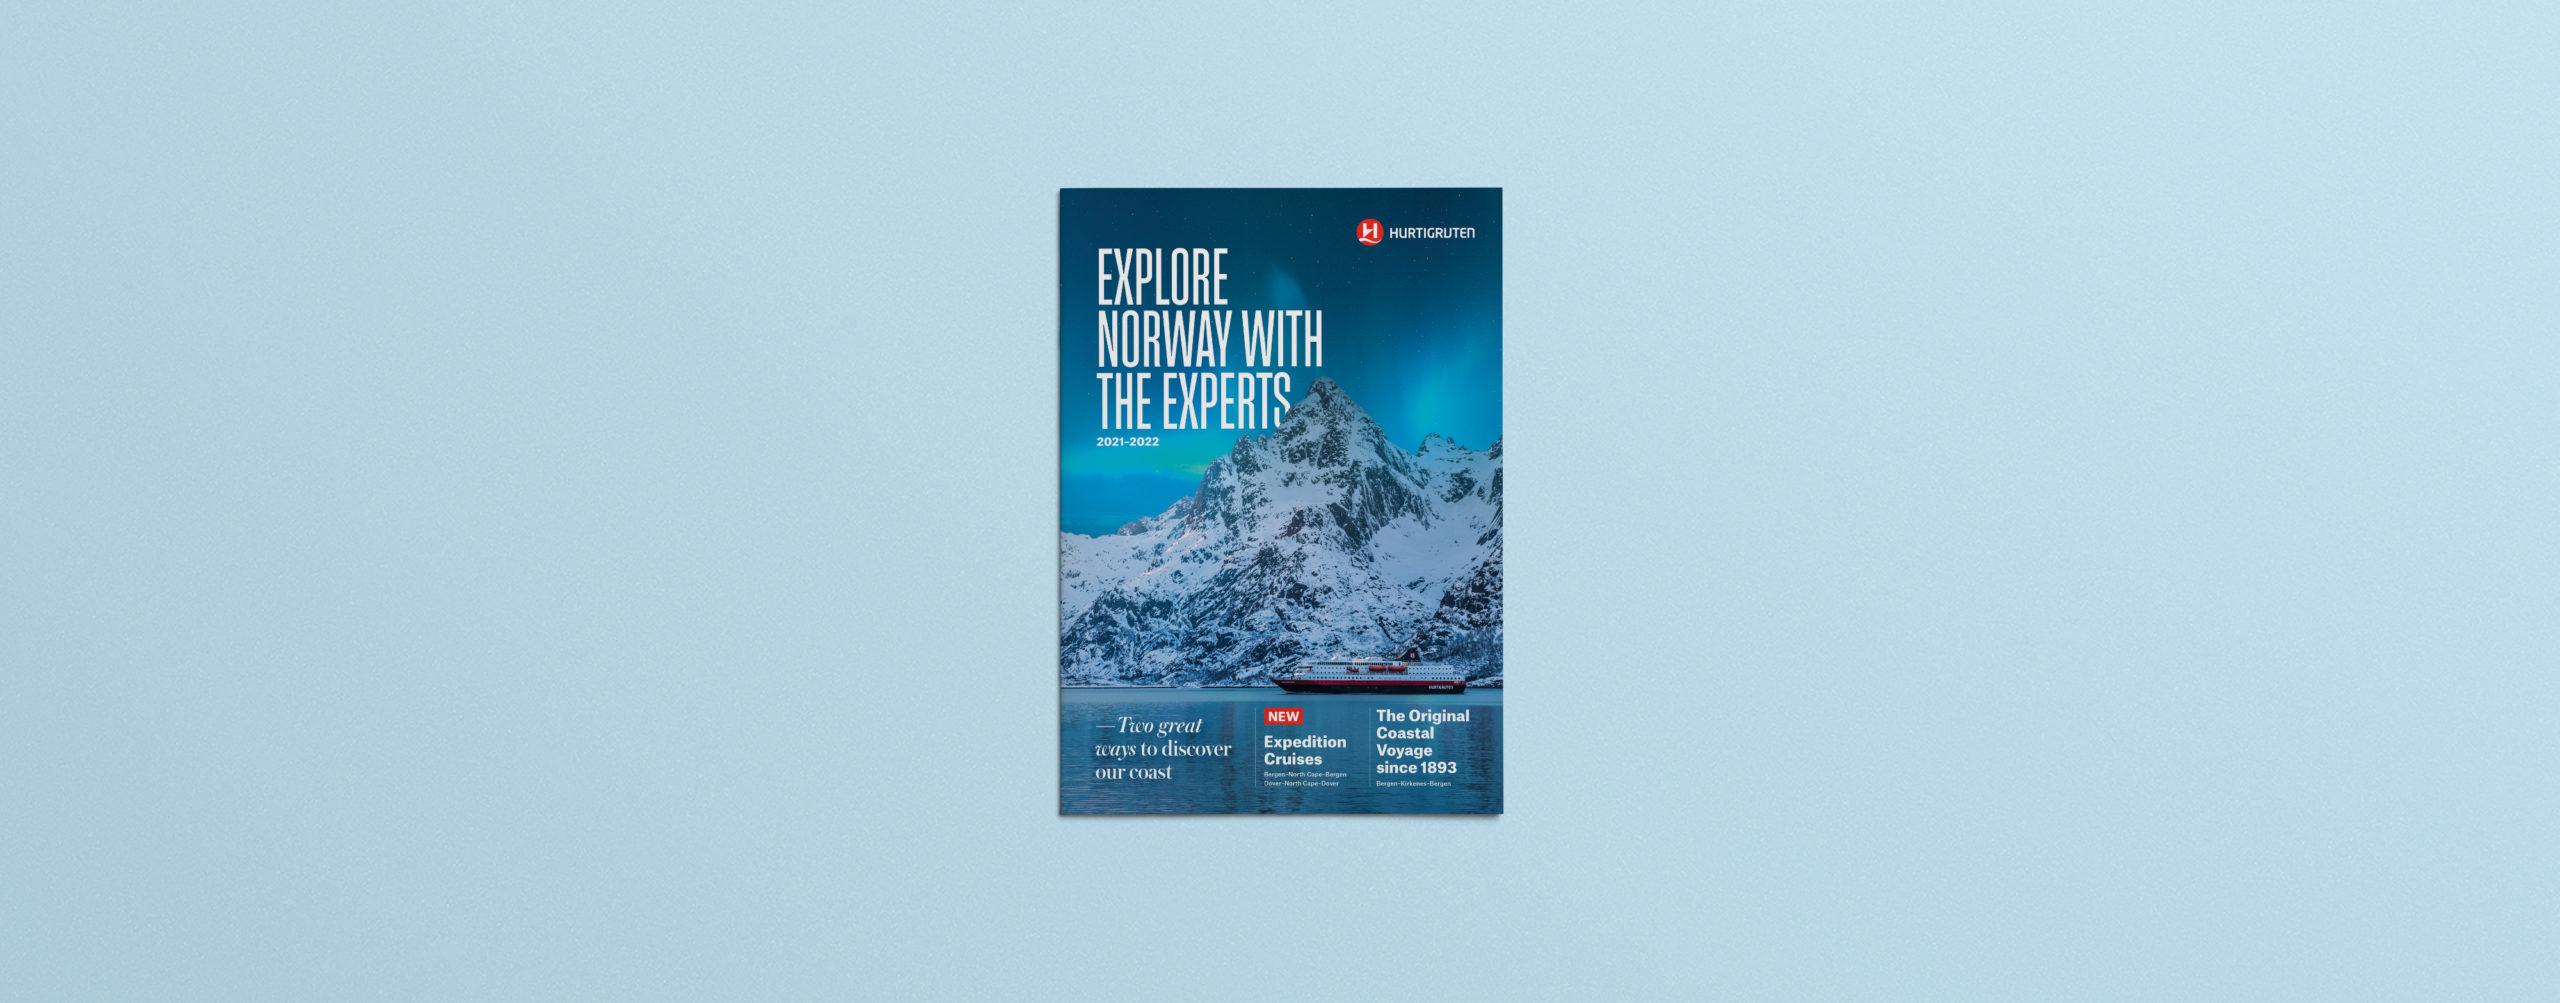 Hurtigruten Norway Travel Brochure